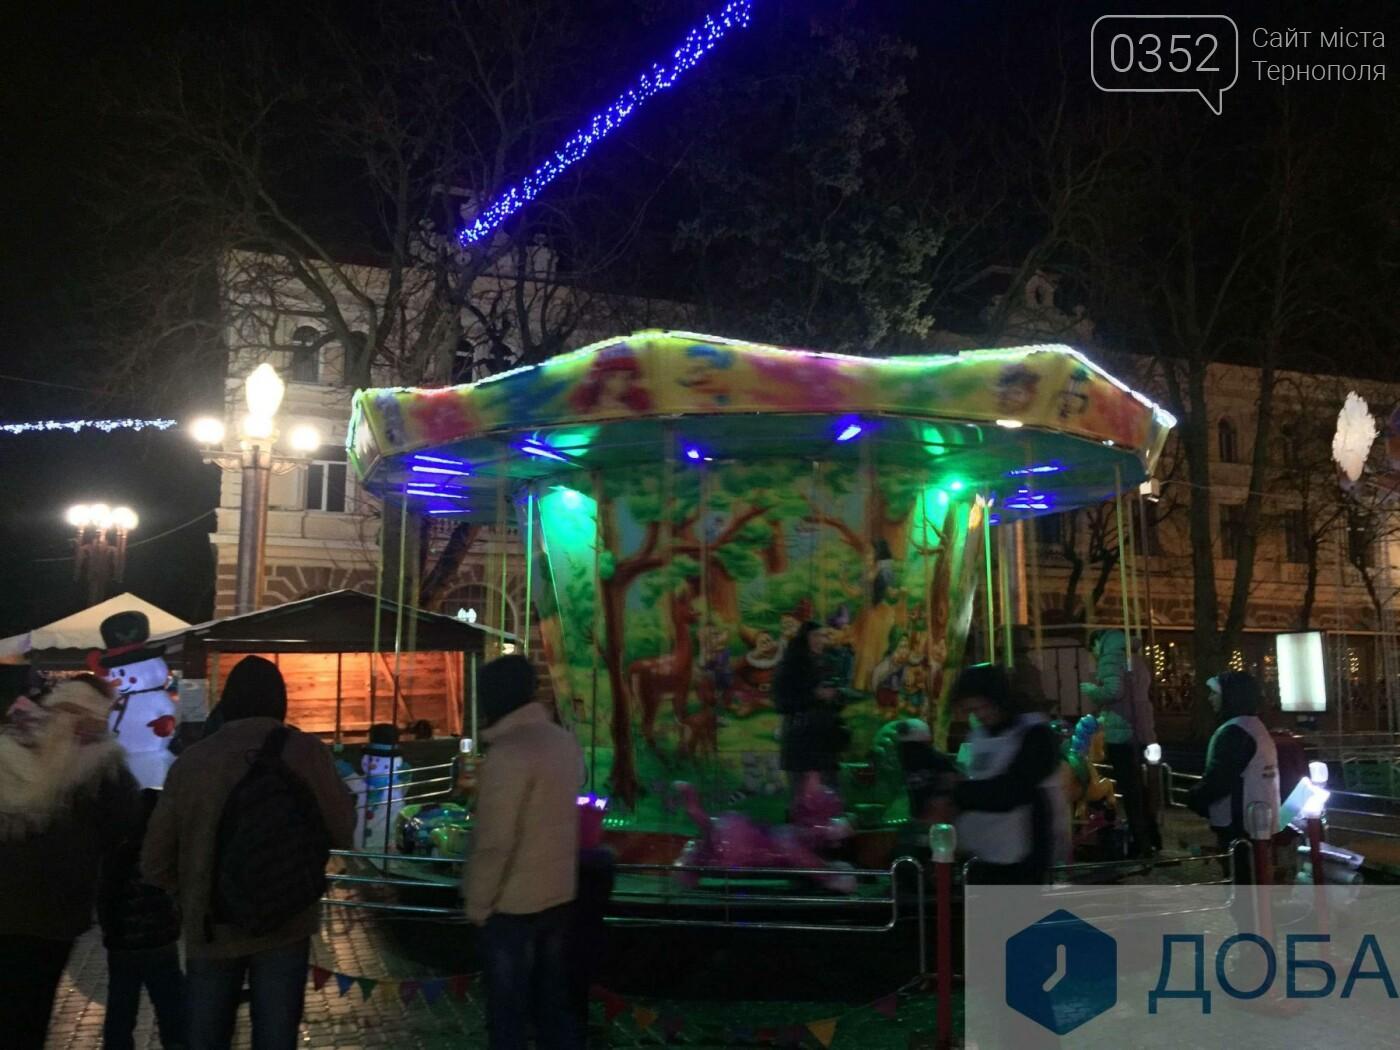 Скільки доведеться заплатити, аби покататись на атракціонах у центрі Тернополя? (фото), фото-2